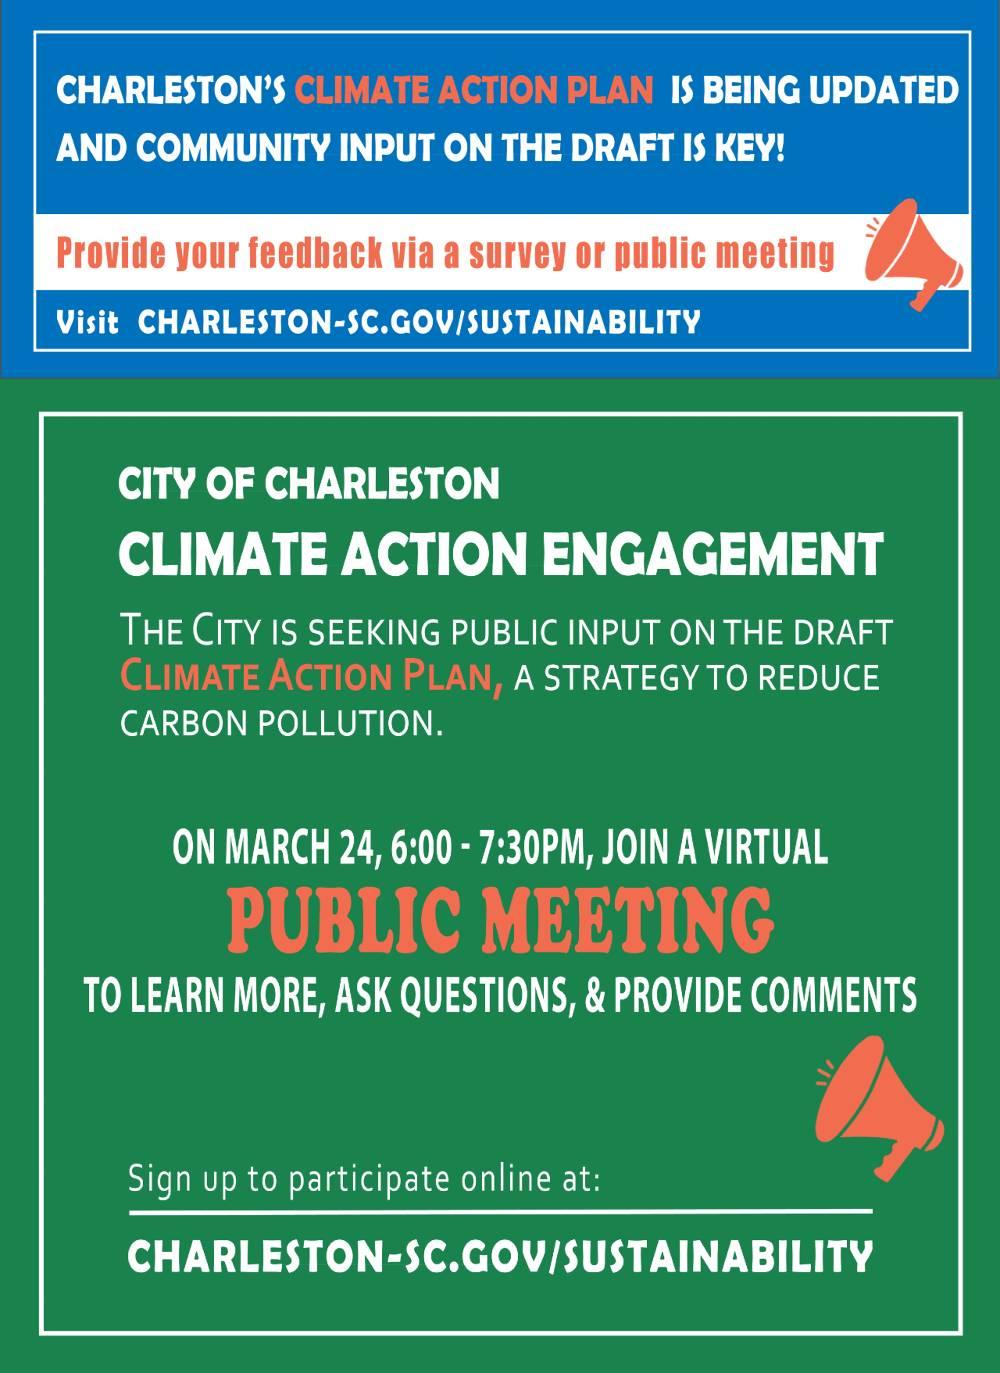 ClimateActionPlan-CivicEngagement